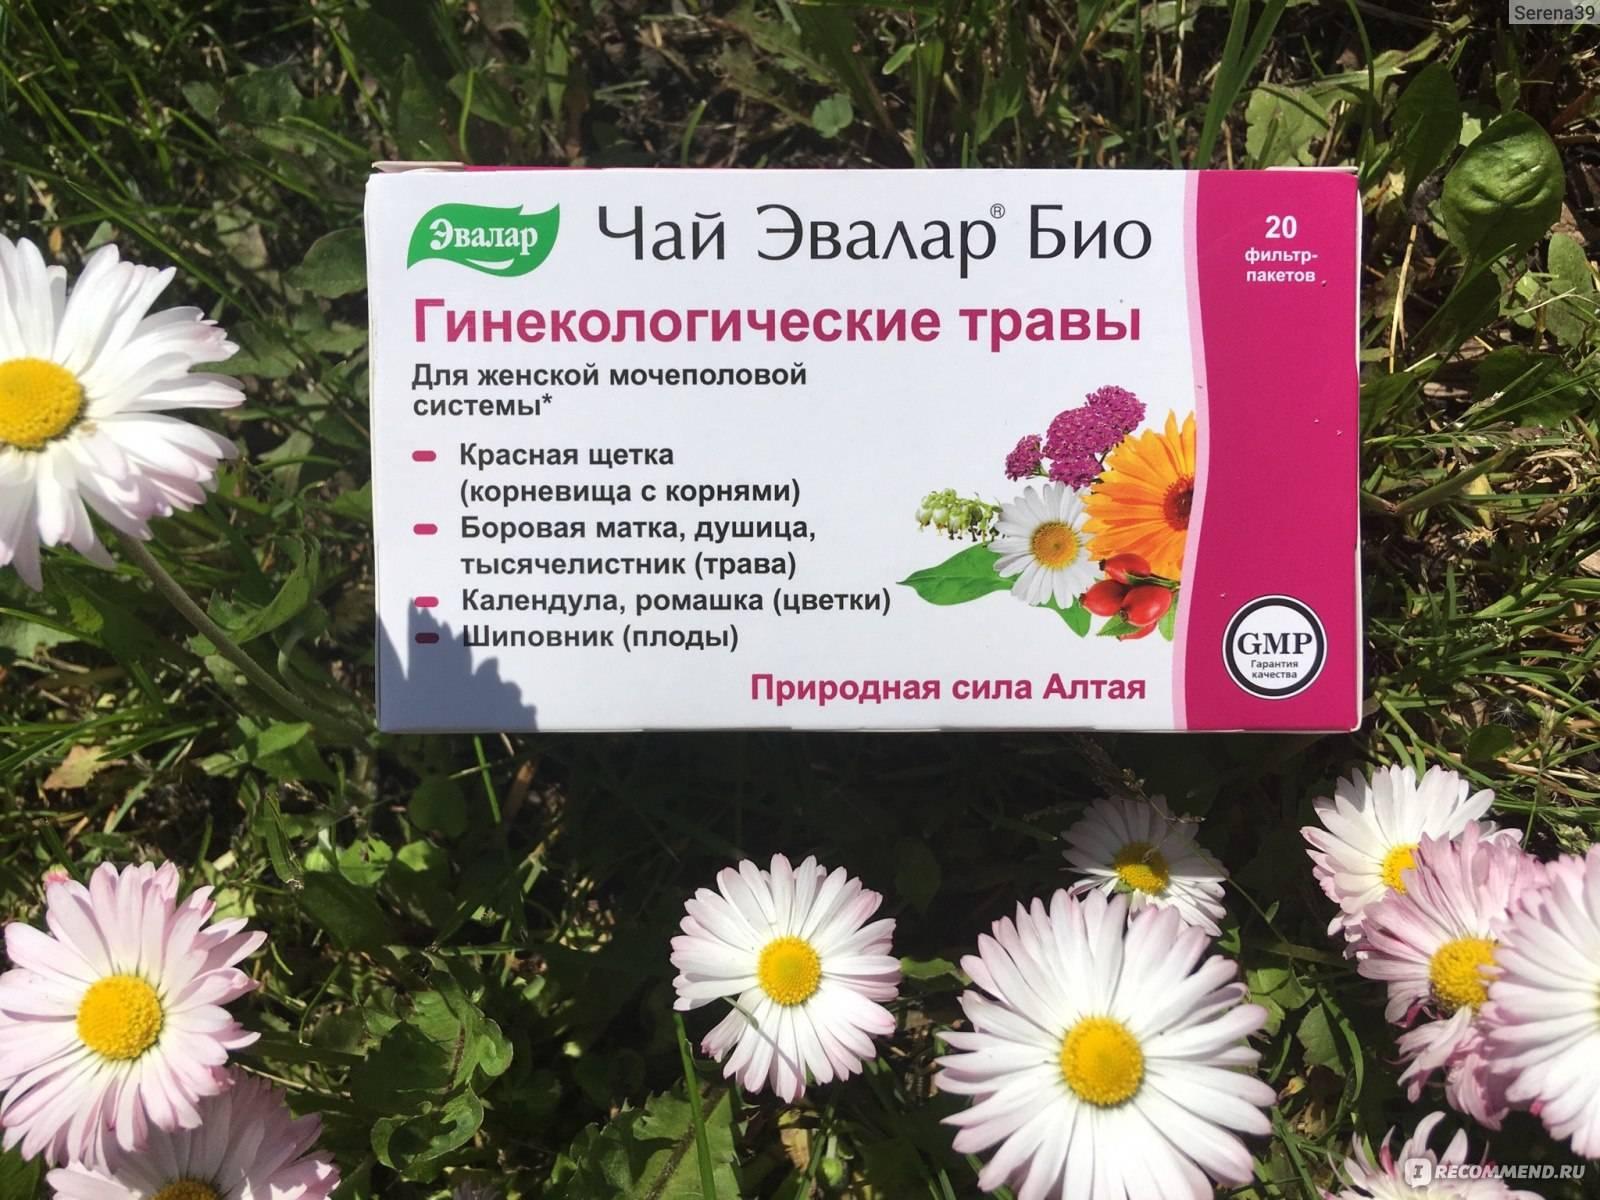 Мочегонные травы и сборы - список. какие мочегонные травы пить от повышенного давления, отеков и для похудения